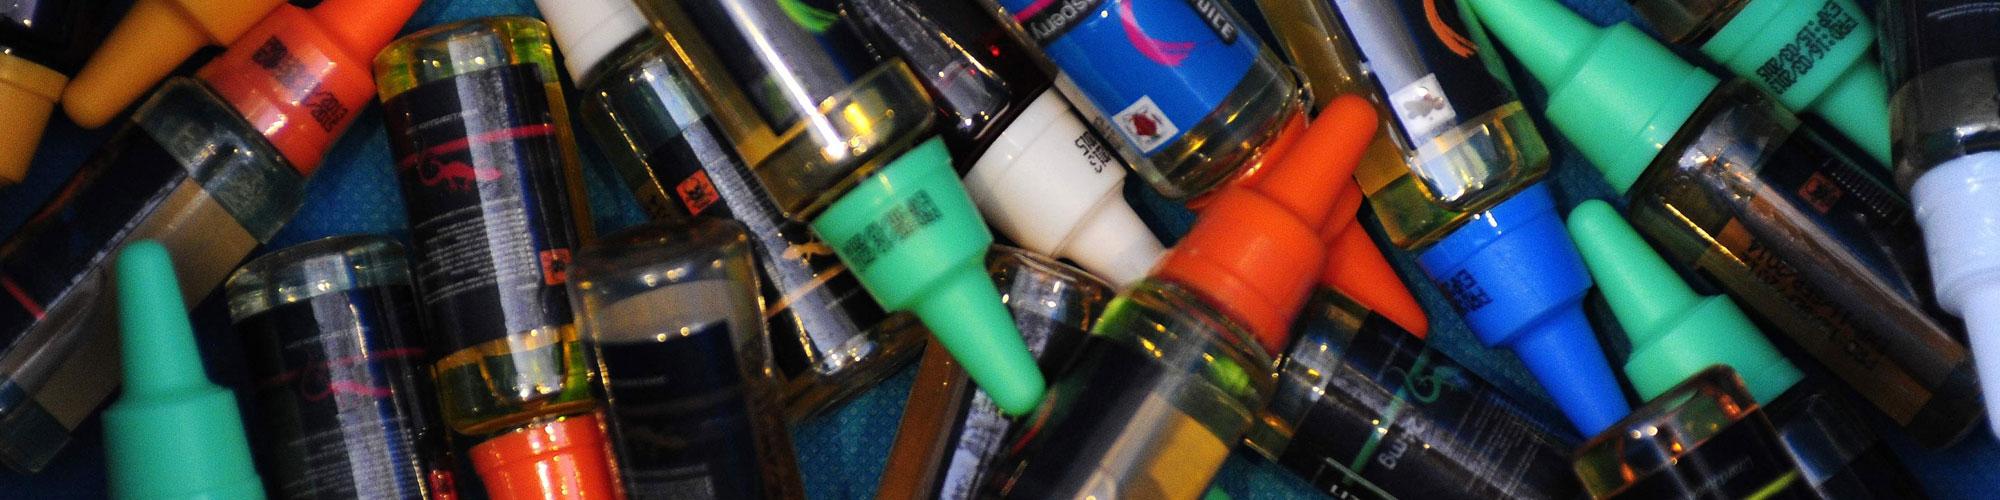 VG E-liquid versus PG mix